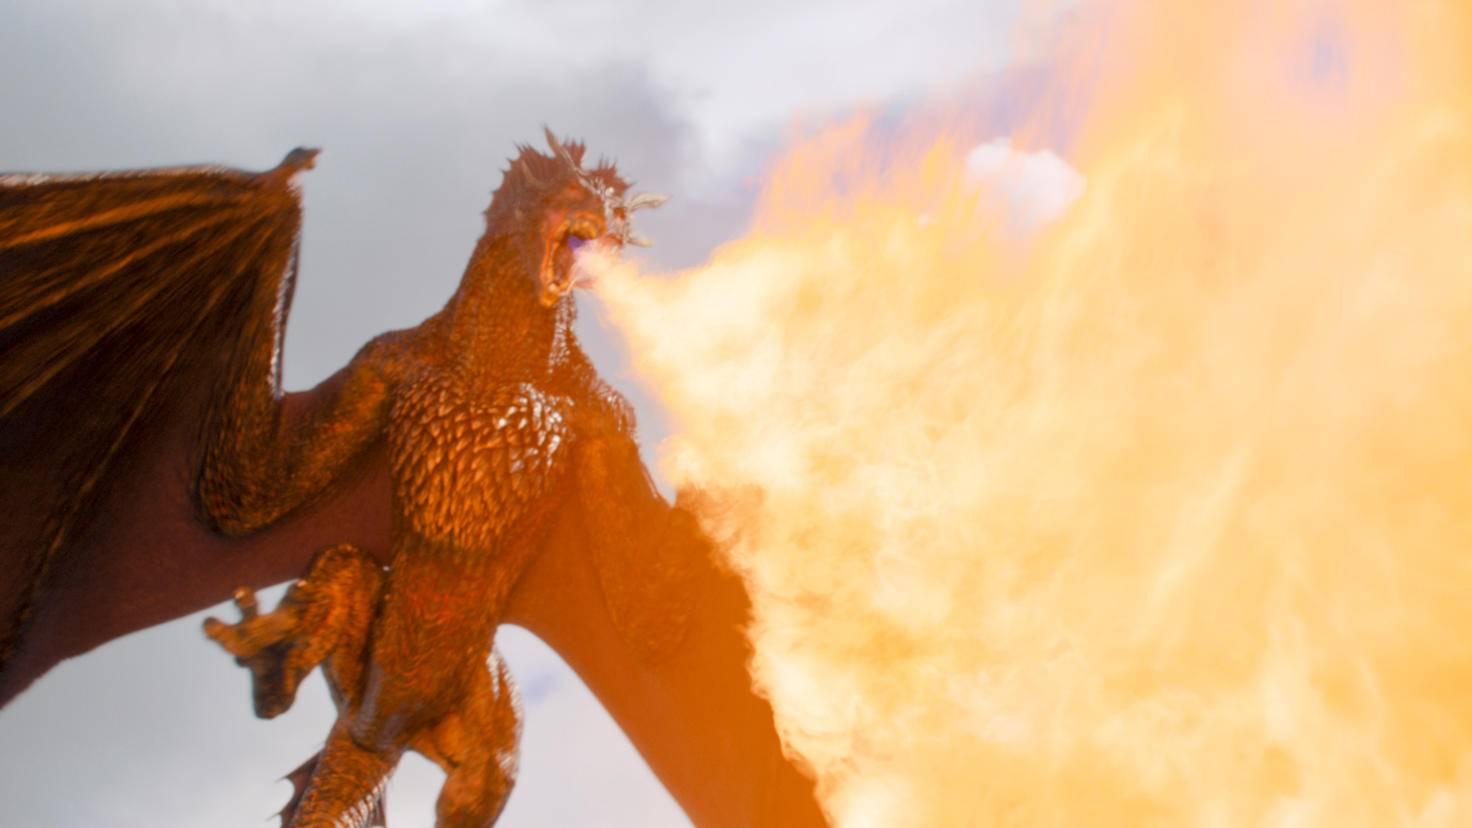 """Drachen sollte es im """"Game of Thrones""""-Spin-off unbedingt geben!"""